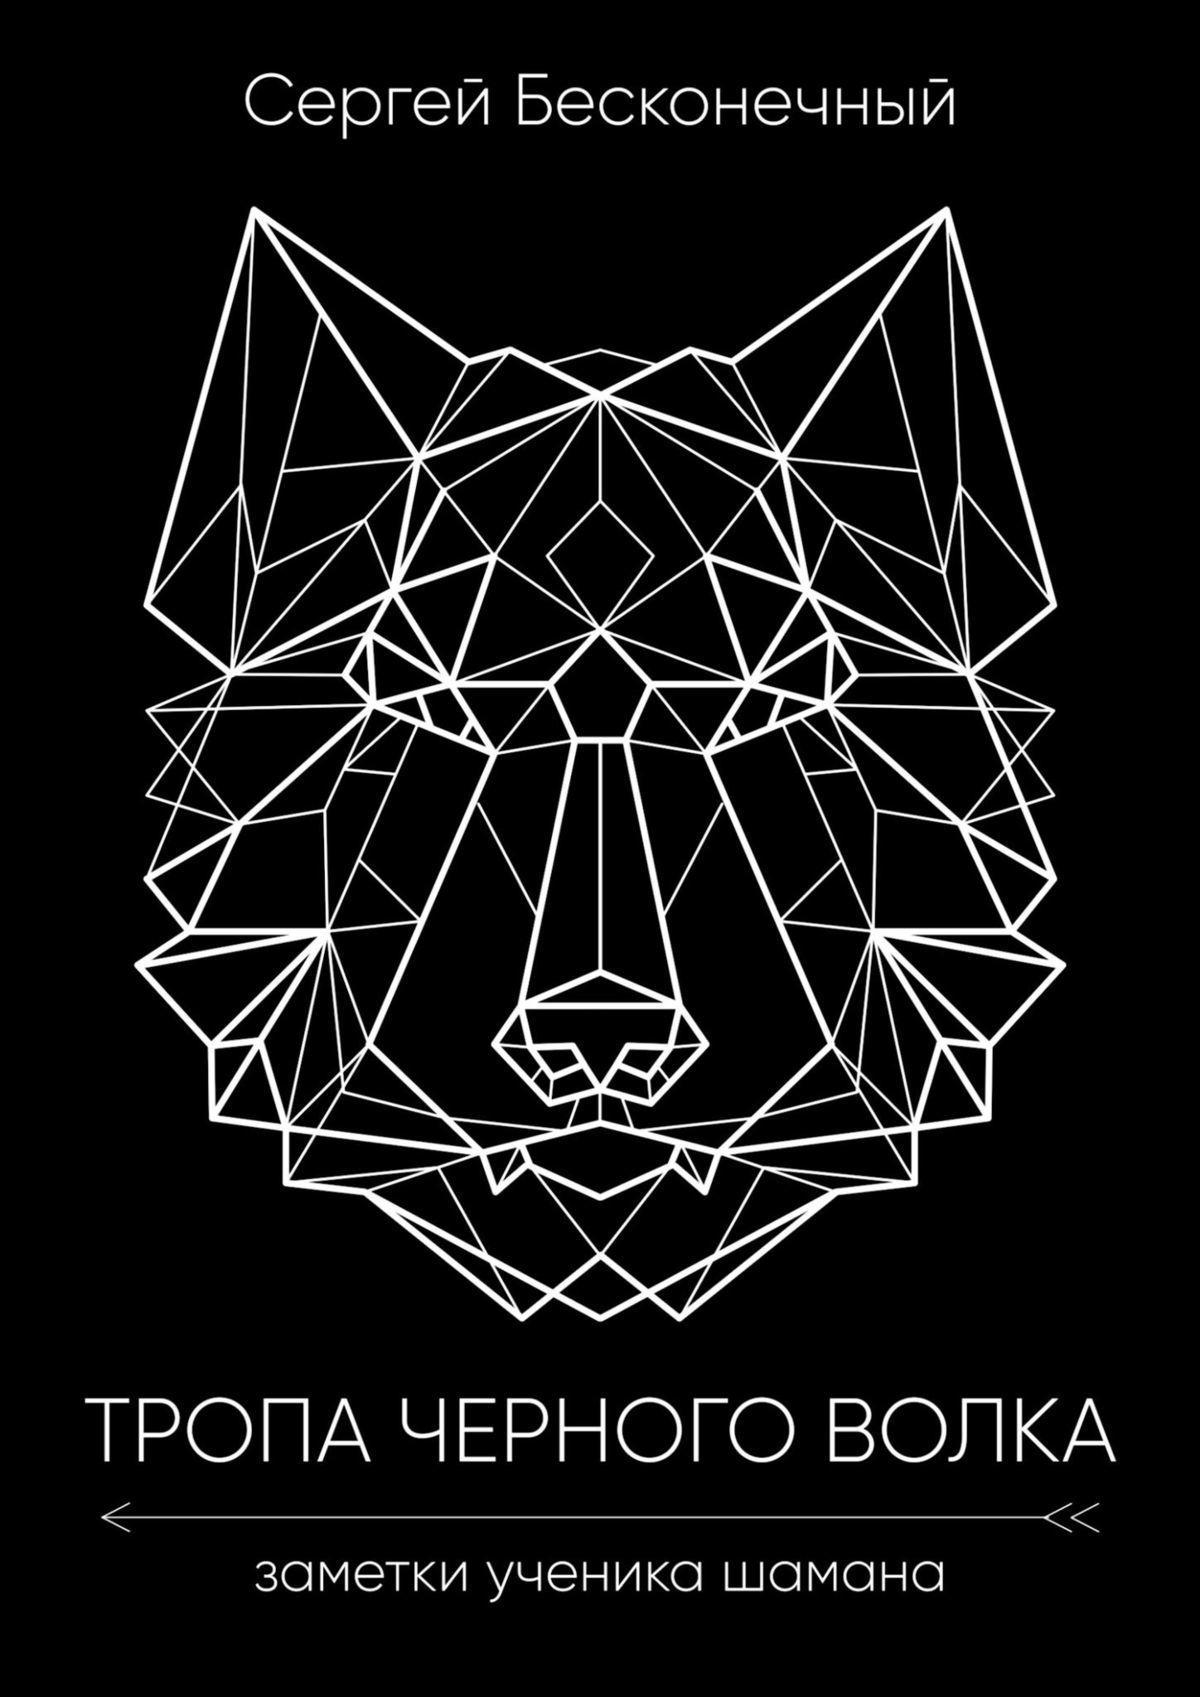 Сергей Бесконечный - Тропа чёрного волка: Заметки ученика шамана